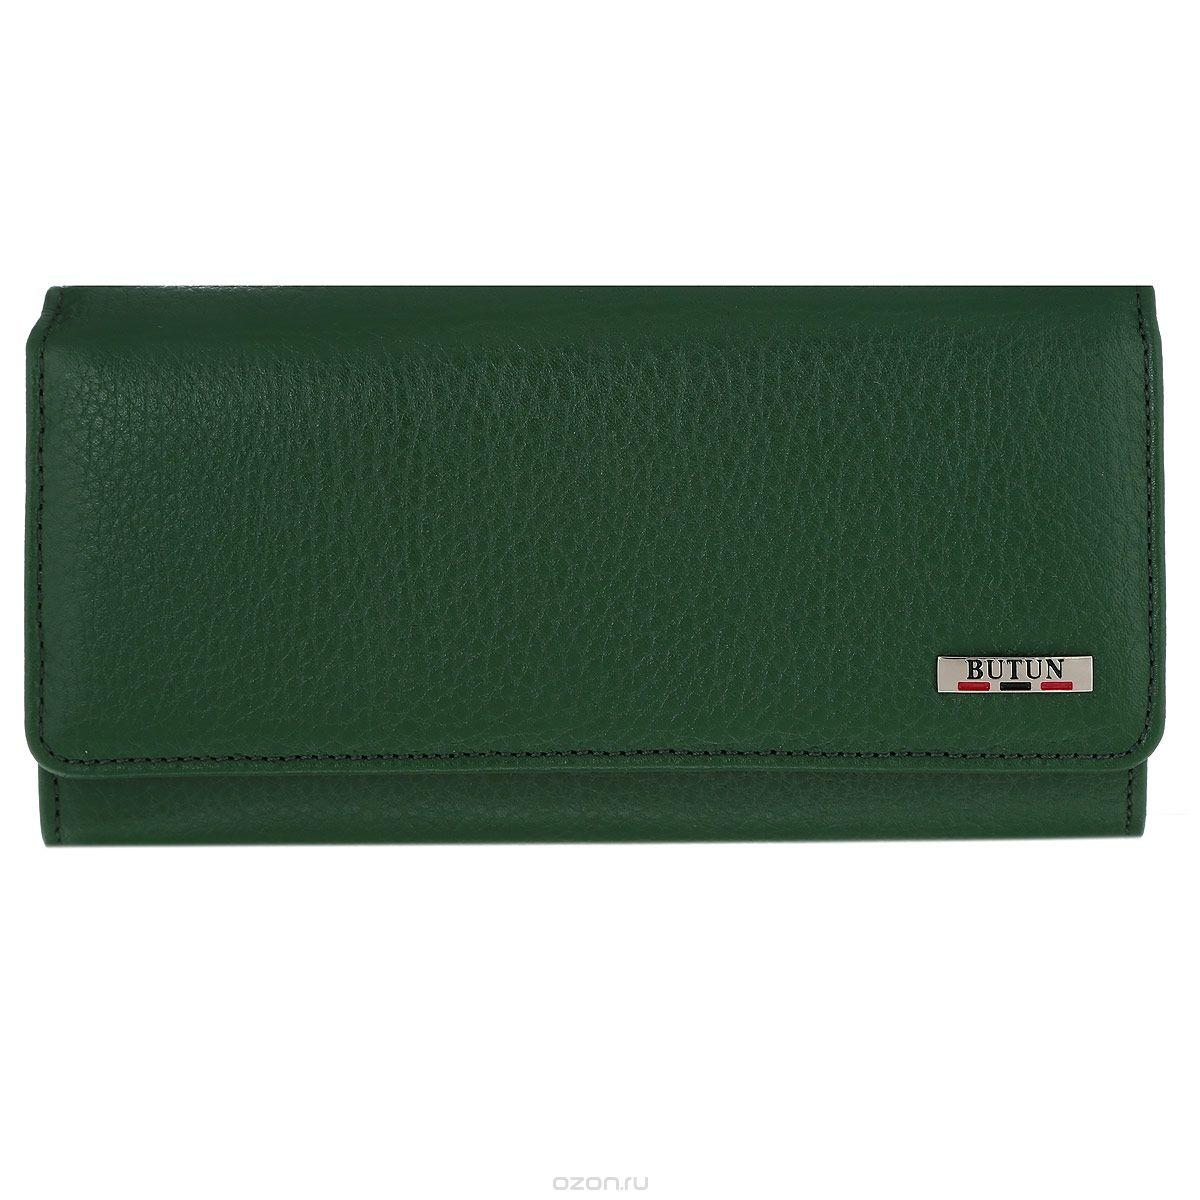 Портмоне женское Butun, цвет: зеленый. 559-004 075559-004 075Женское портмоне Butun выполнено из натуральной высококачественной кожи с натуральным тиснением. Портмоне состоит из трех отделений для купюр. Внутри расположены 3 открытых кармашка для визиток и банковских карт, 1 открытый накладной карман для мелочей, прорезной карман на застежке-молнии и открытый горизонтальный карман с прозрачным окошком-сеточкой. Также портмоне дополнено наружным отделением для монет на замке-защелке, состоящим из 2 просторных отделений, разделенных перегородкой. Портмоне закрывается на широкий клапан с кнопкой. Фурнитура оформлена под серебро. Портмоне - это удобный и стильный аксессуар, необходимый каждому активному человеку для хранения денежных купюр, монет, визитных и пластиковых карт, а также небольших документов. Надежное портмоне Butun сочетает в себе классический дизайн и функциональность, и не только практично в использовании, но и станет отличным дополнением к любому стилю, и позволит вам подчеркнуть свою индивидуальность. ...